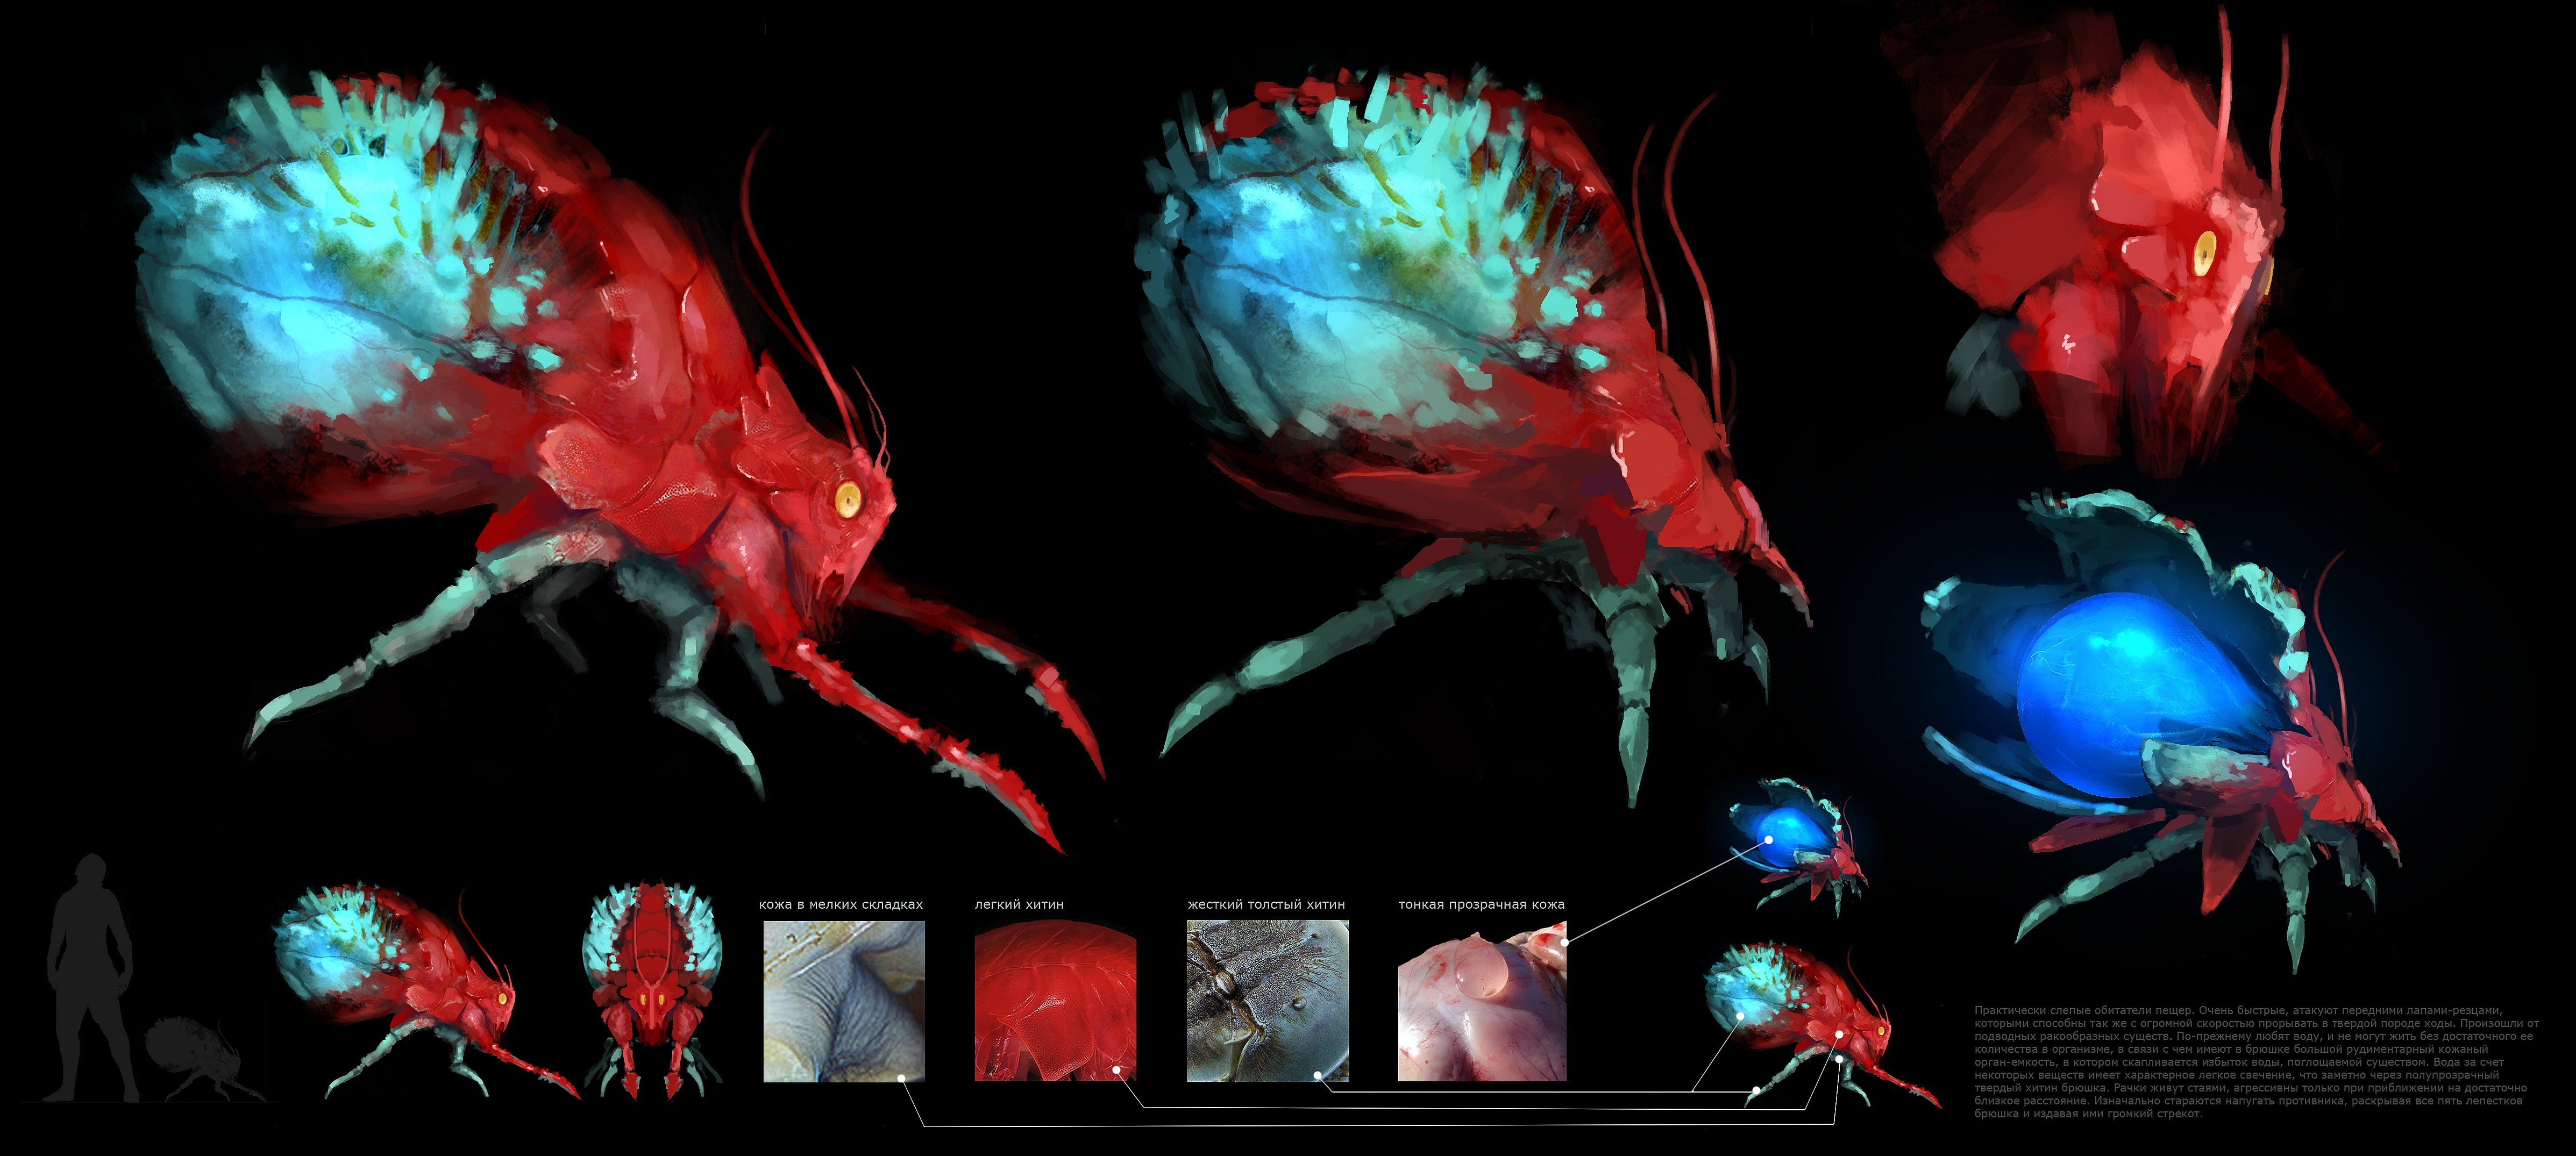 Новые концепты от Genom Project. - Изображение 10